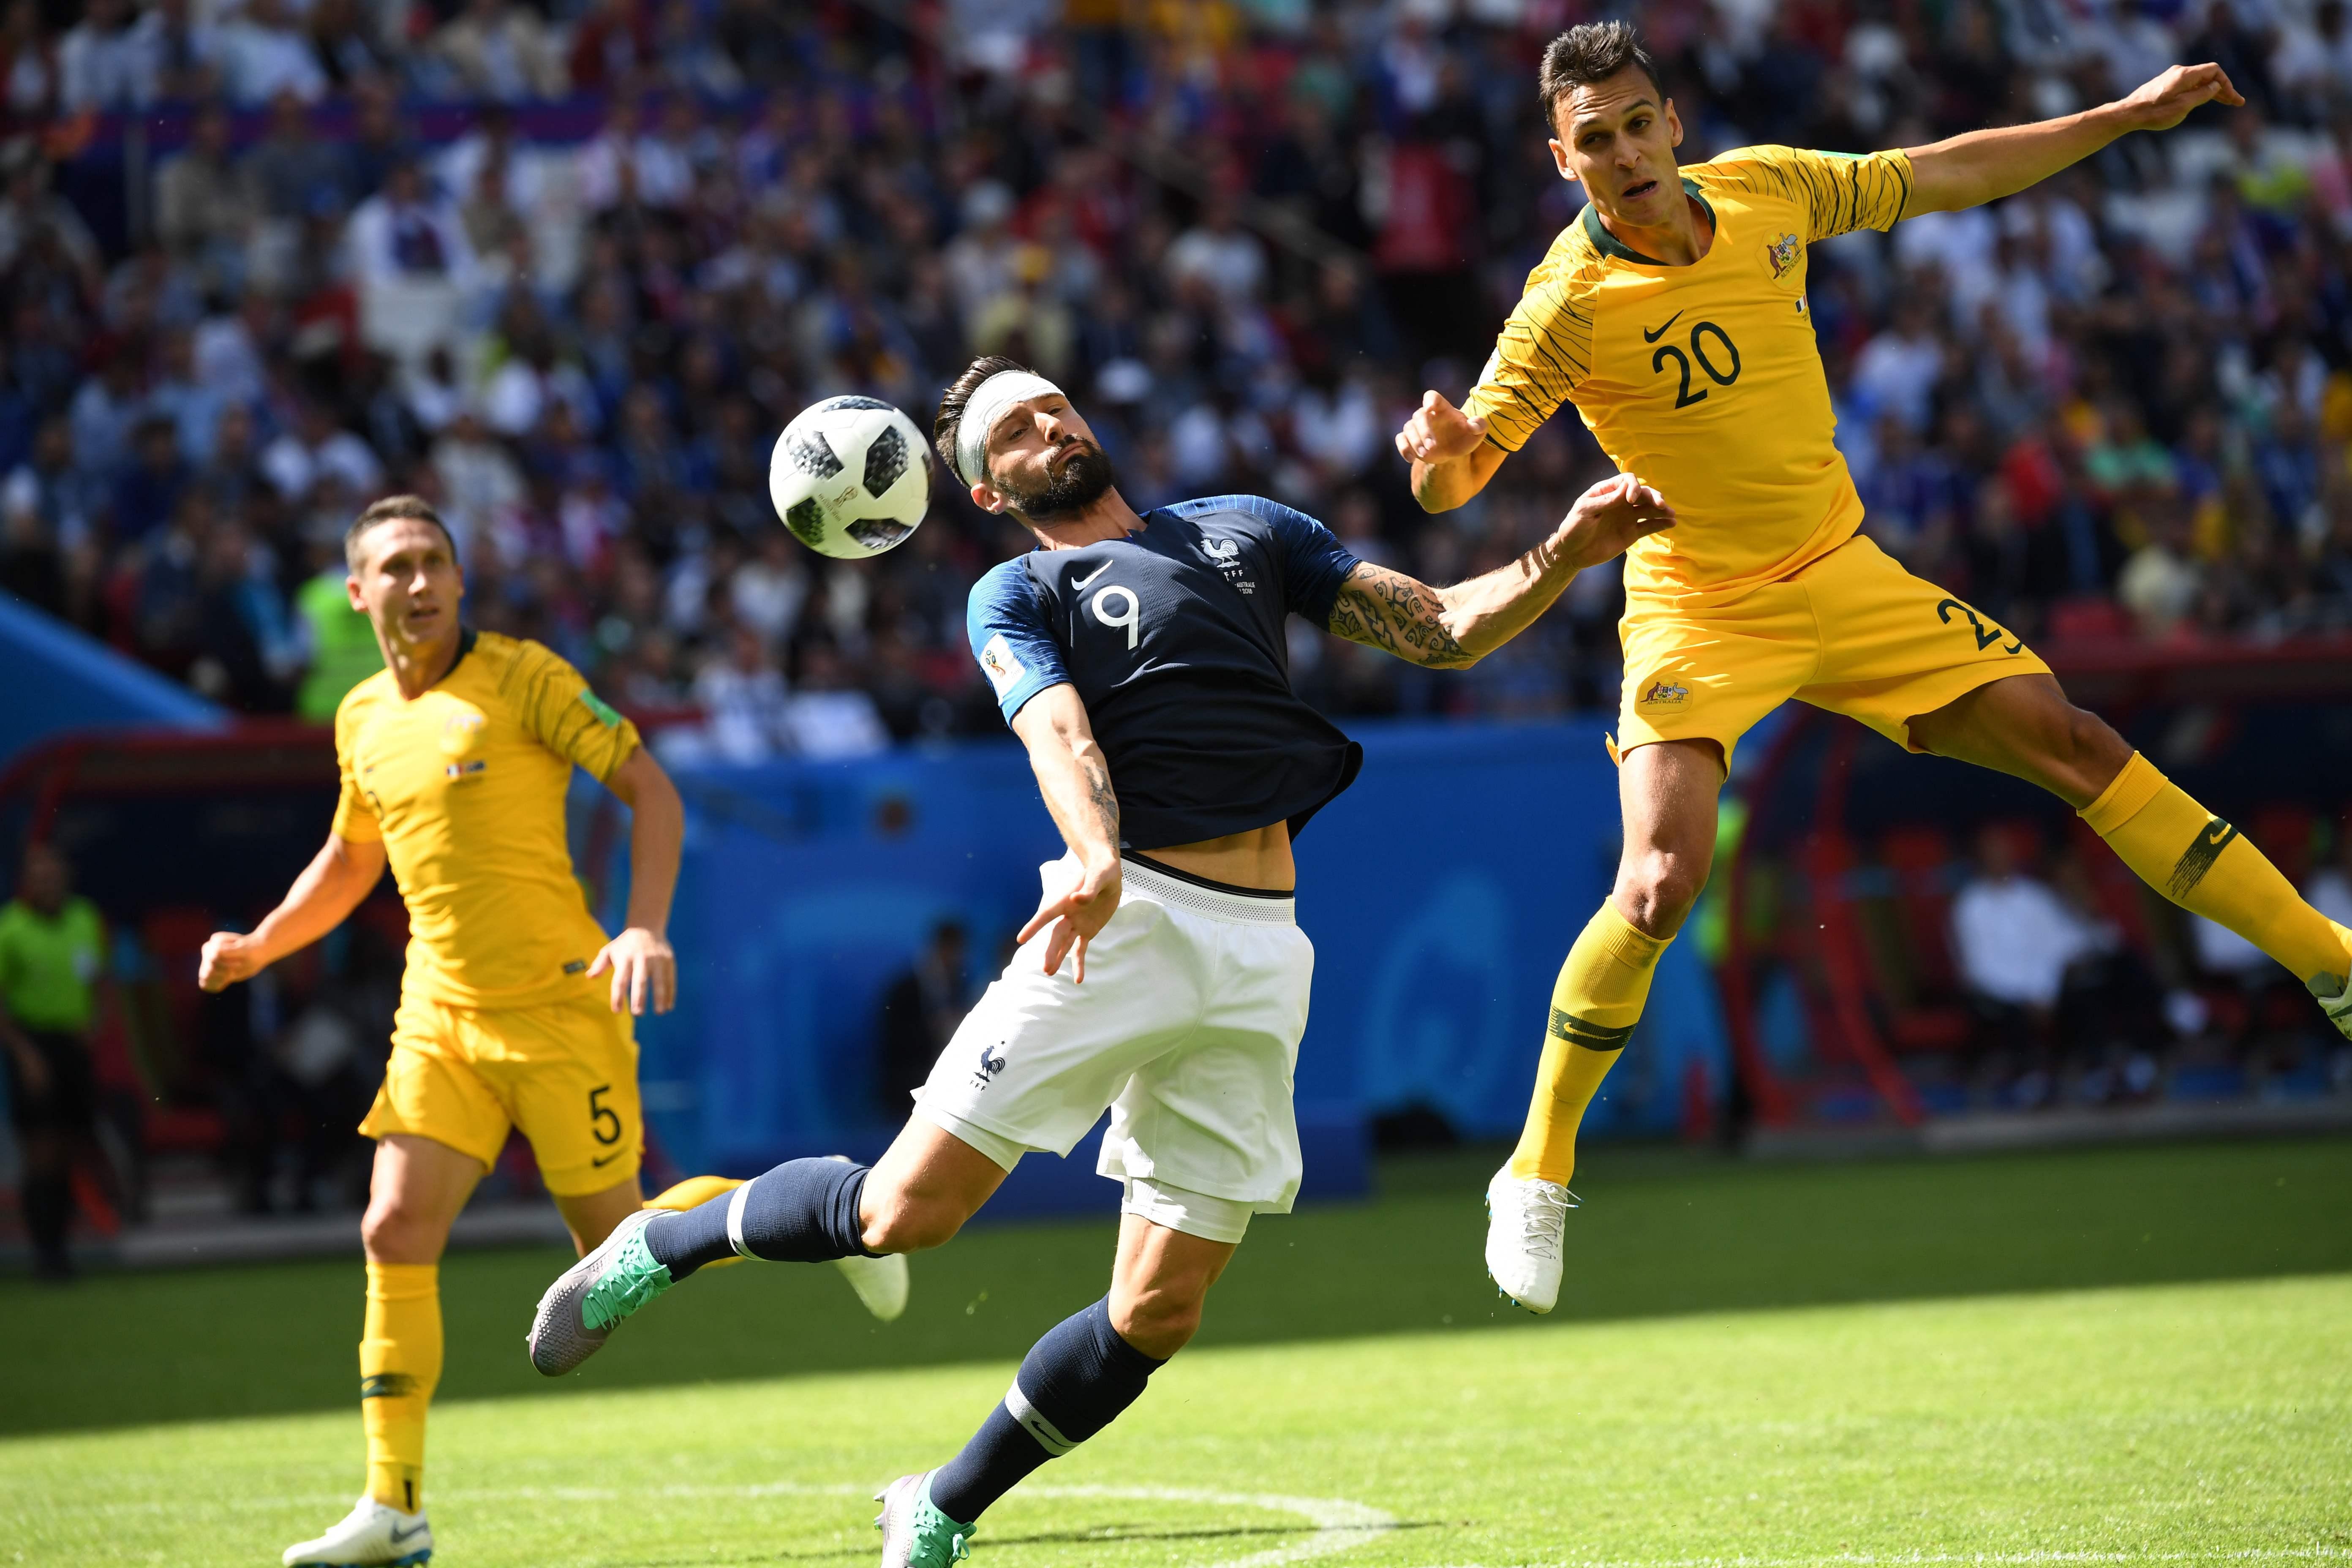 Нидерланды – Перу. Прогноз от экспертов на матч 06.09.2018